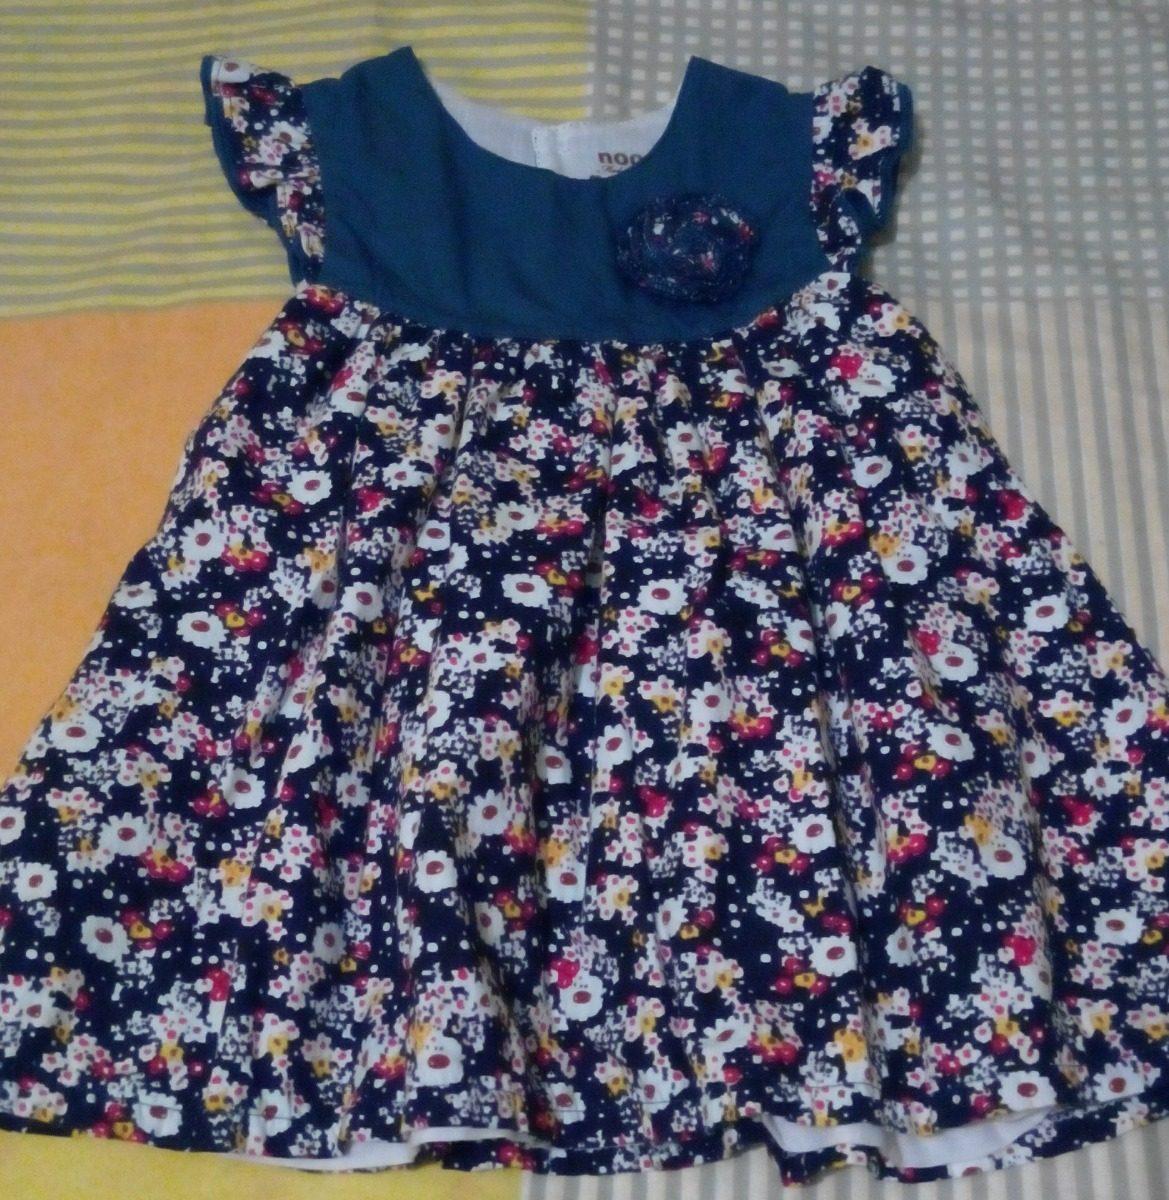 dd084c5f3 vestido de fiesta para niña marca noor 3 - 6 meses. Cargando zoom.